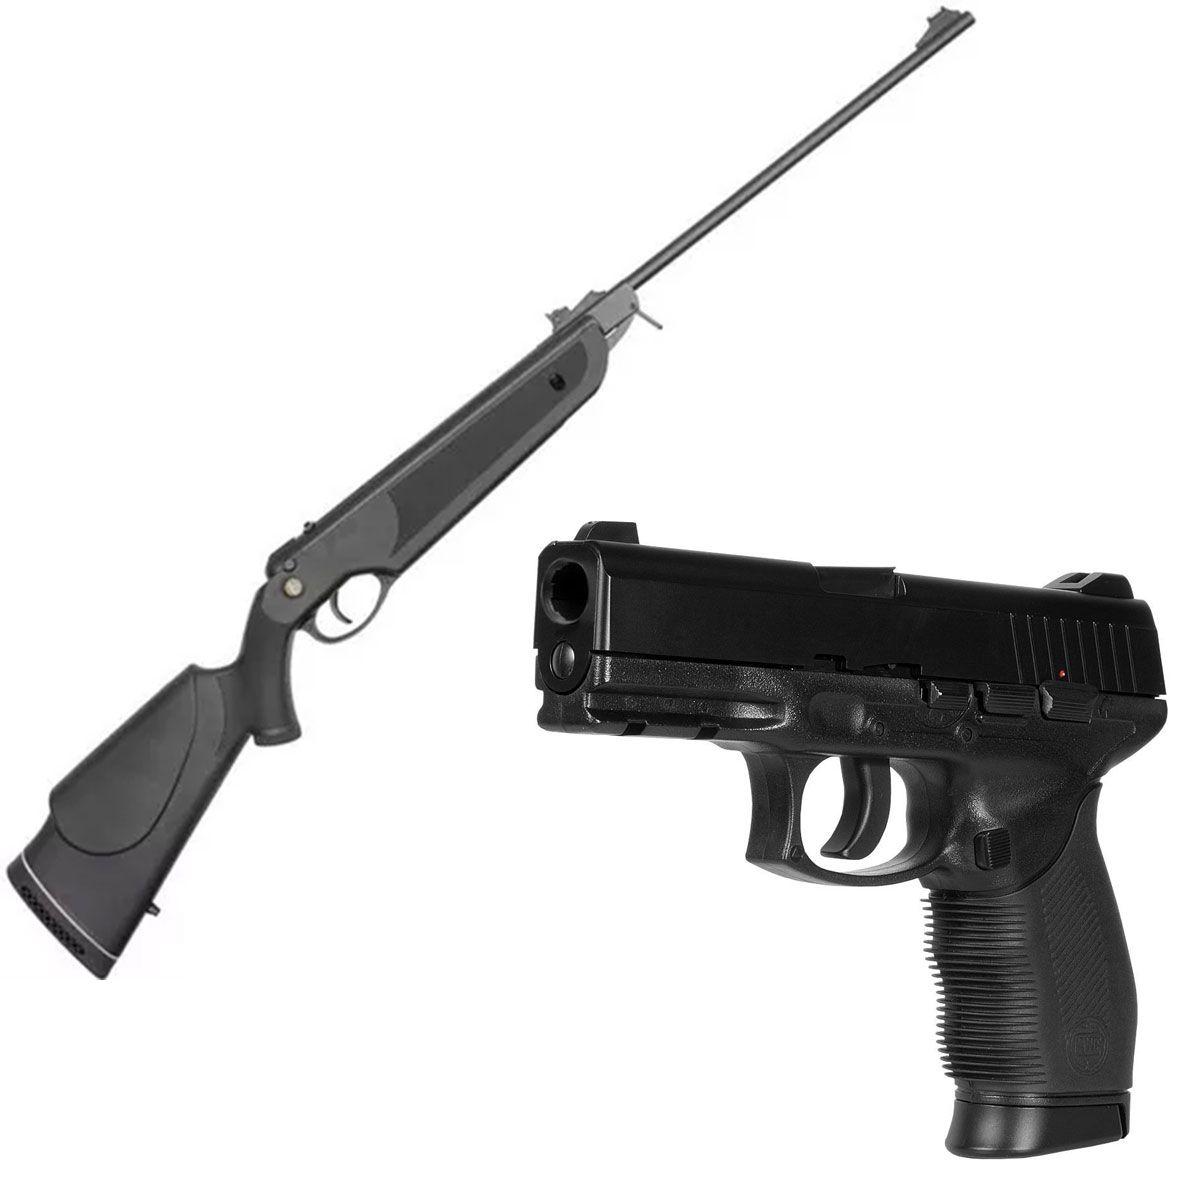 Kit Carabina Nova Dione 5,5mm + Pistola 4,5mm